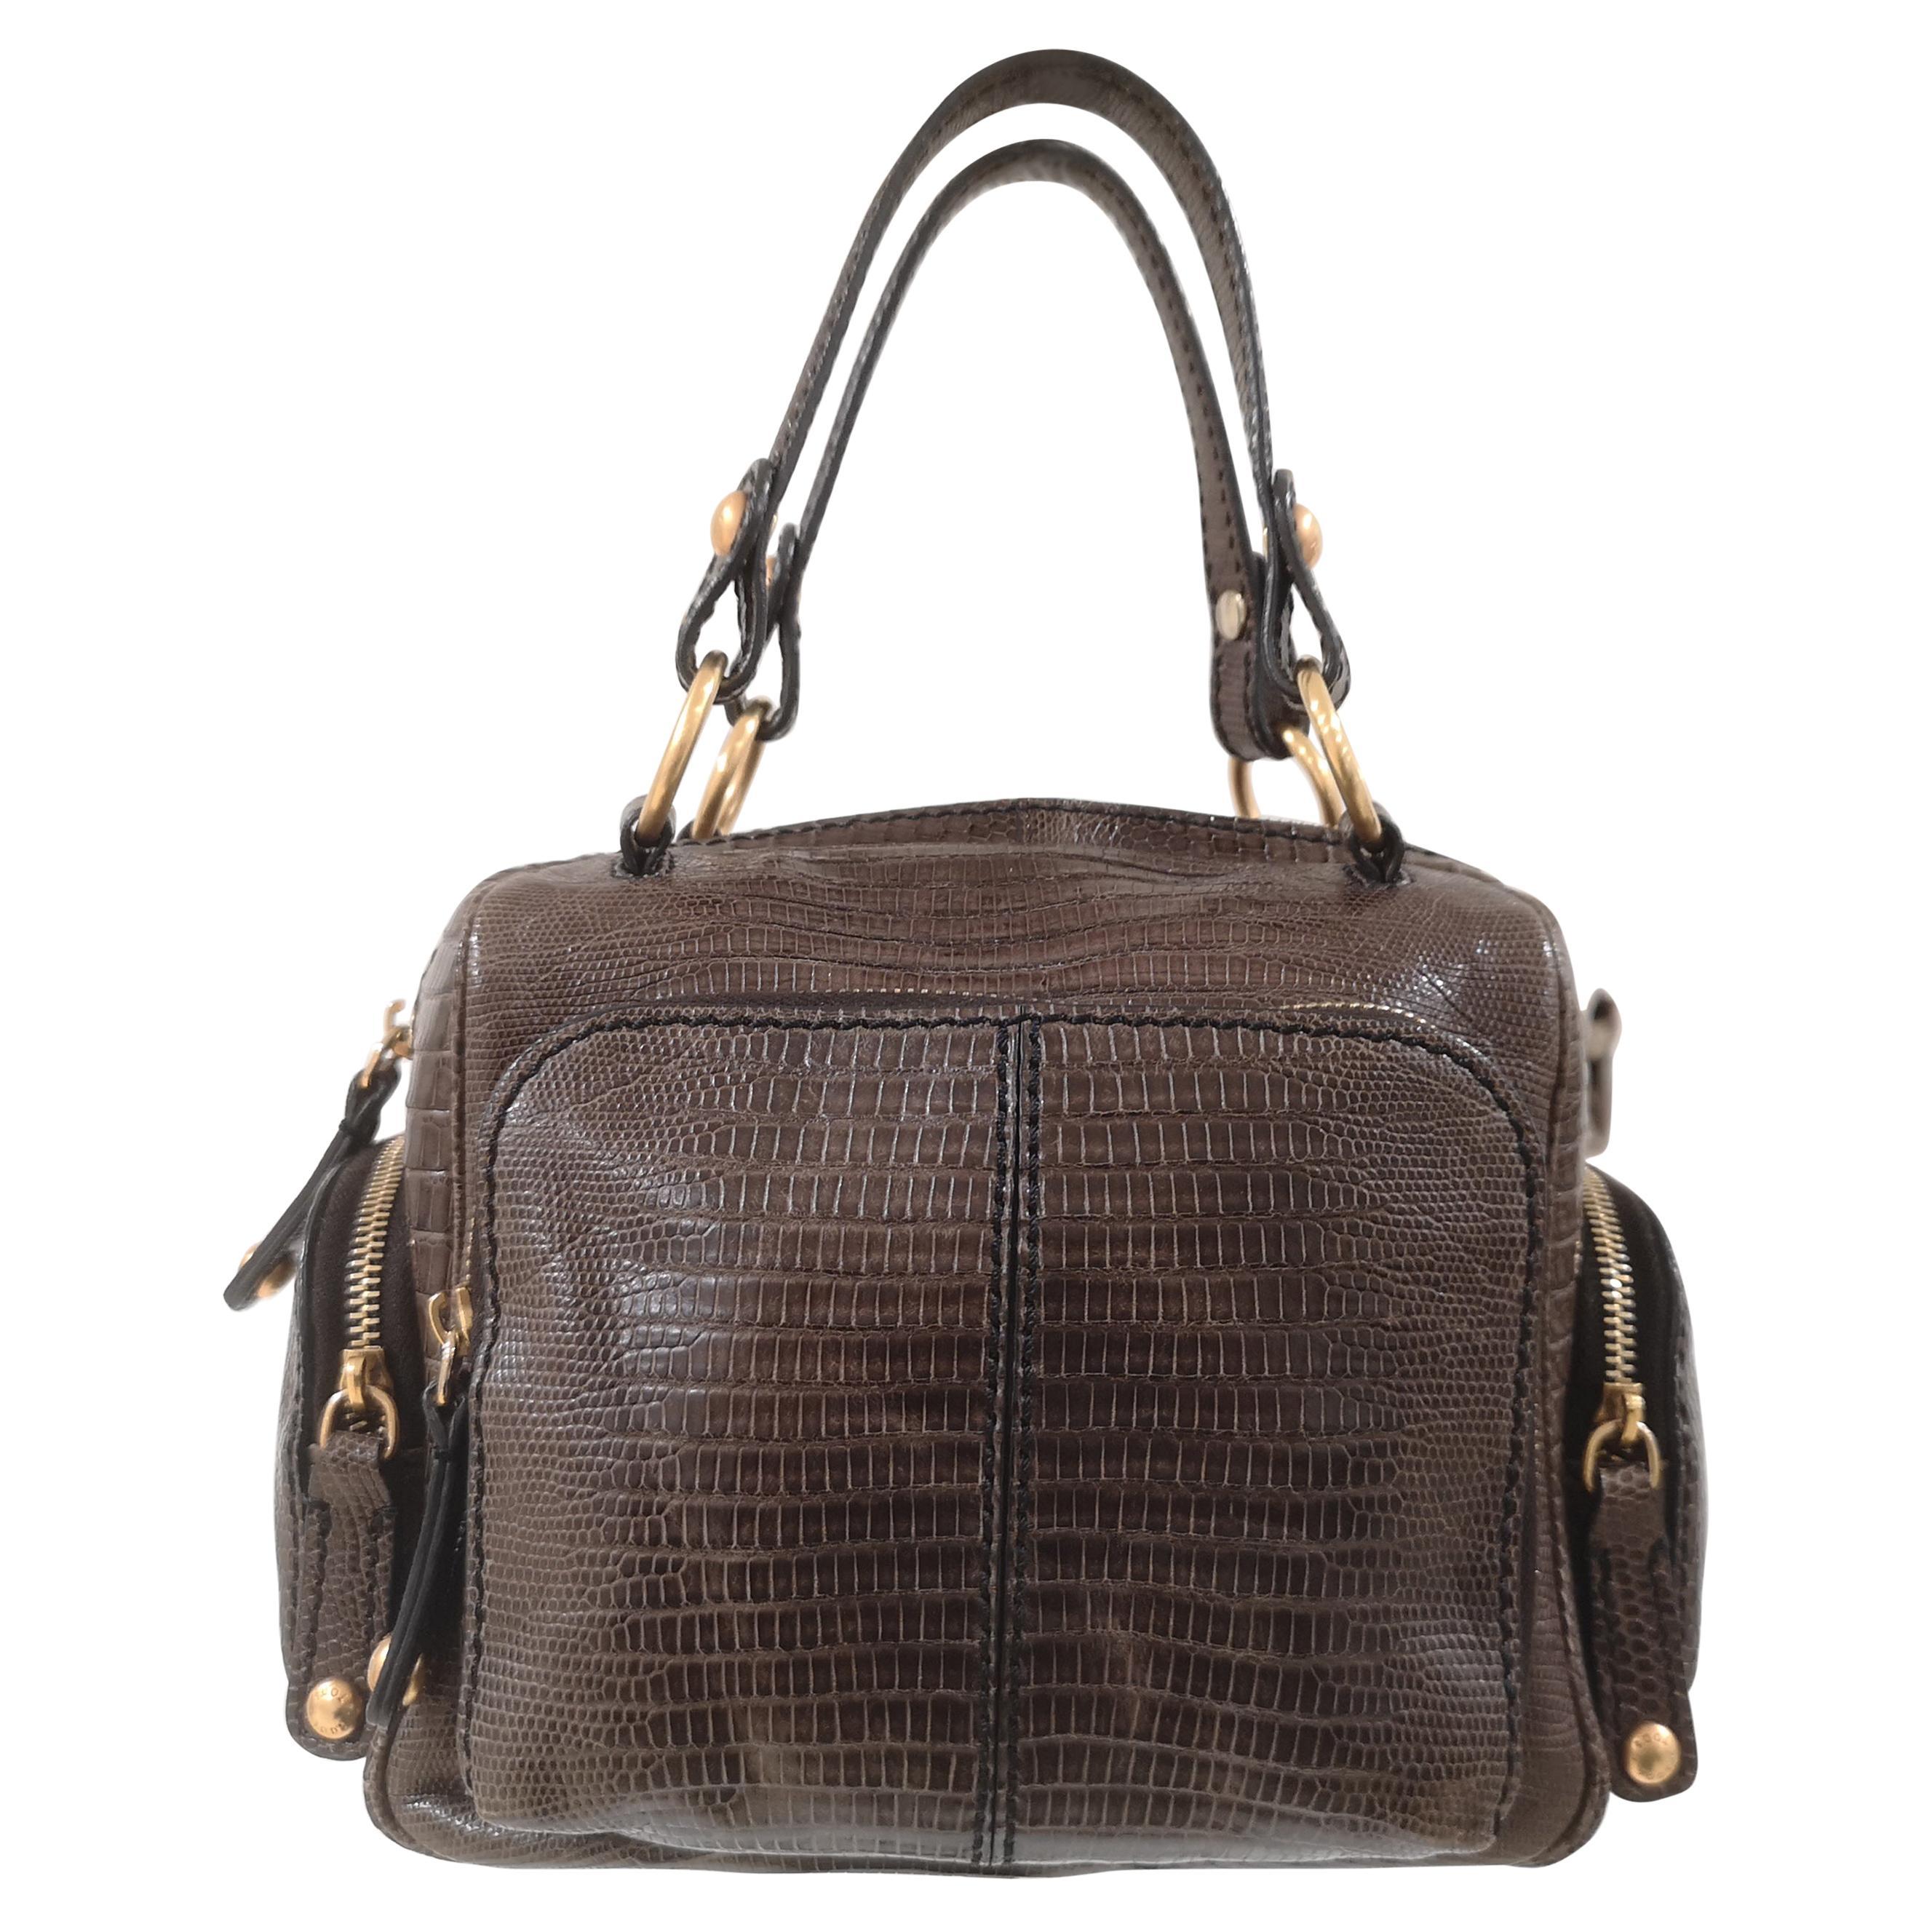 Tod's Lizard gold tone hardware handle shoulder bag